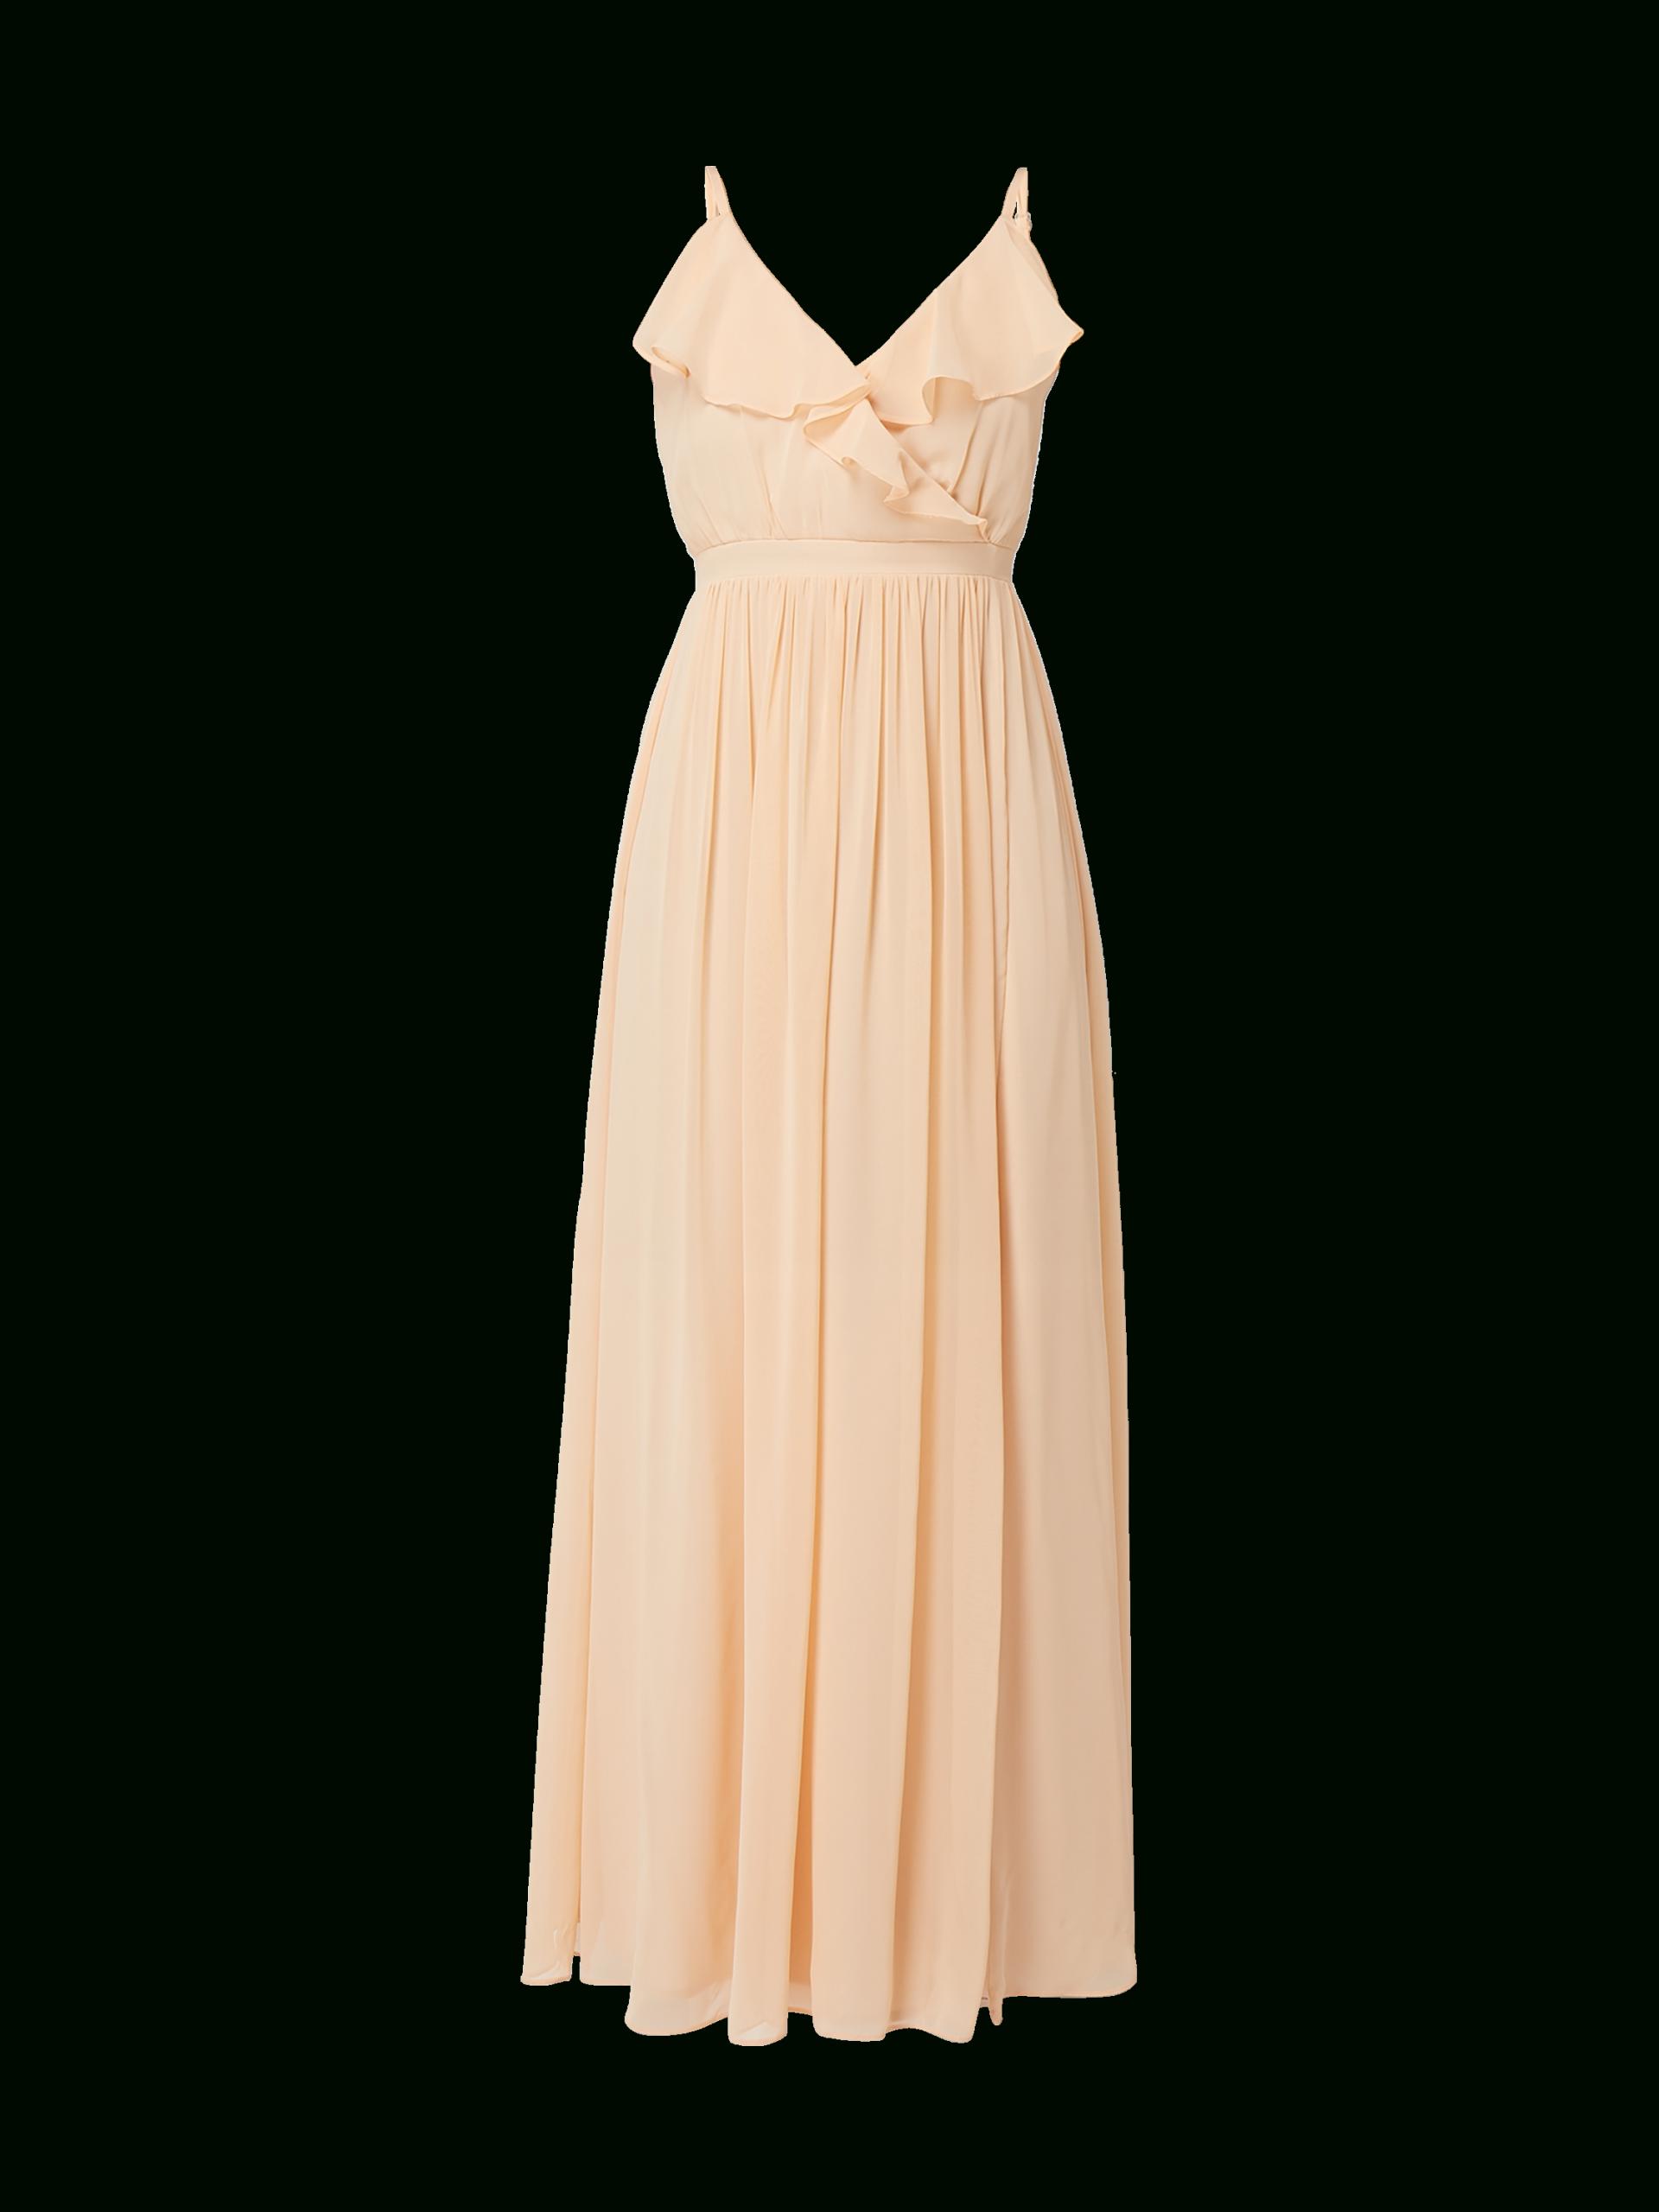 20 Erstaunlich Abendkleid Apricot Design17 Fantastisch Abendkleid Apricot Ärmel